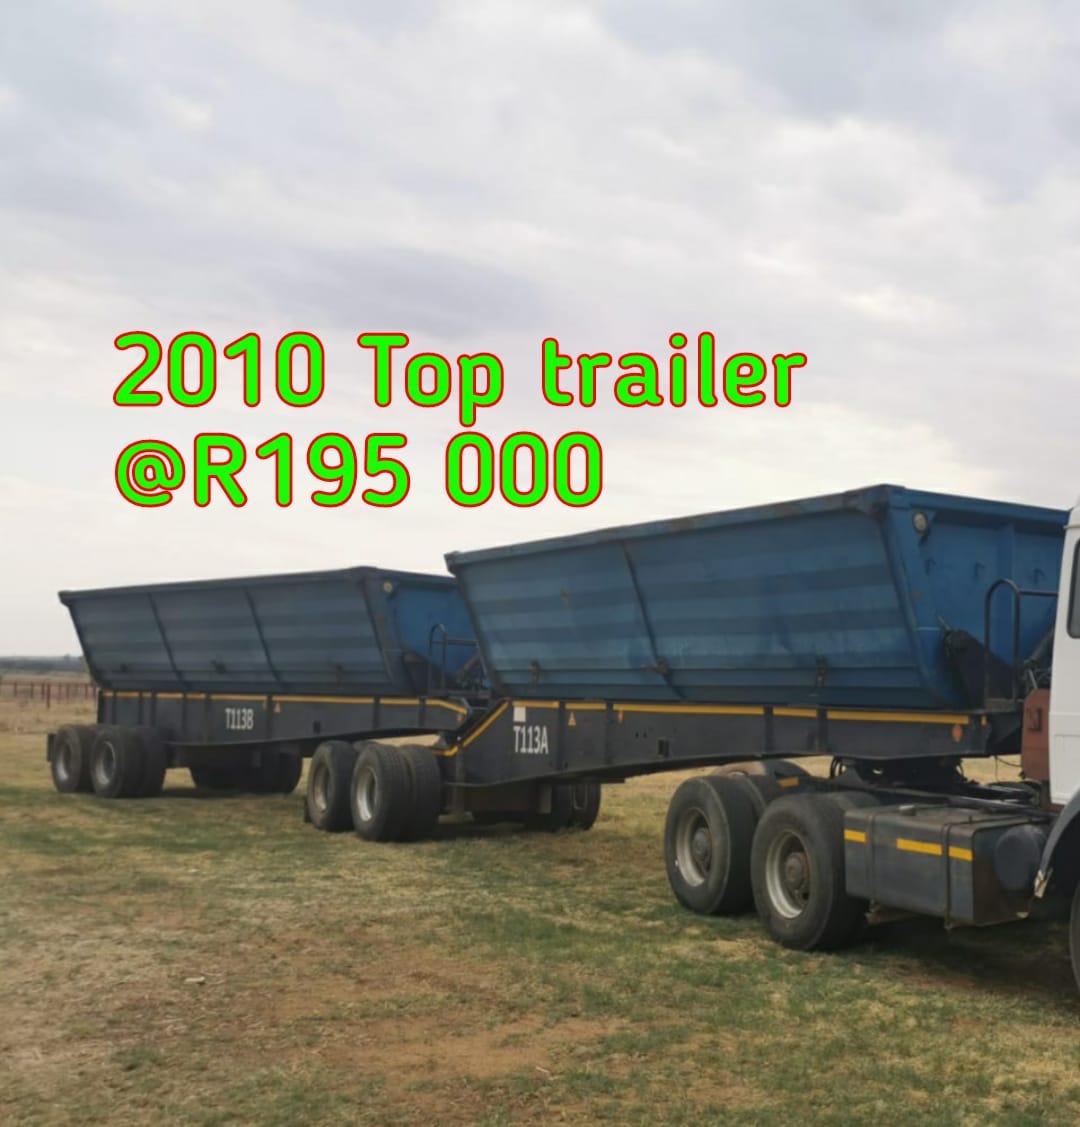 2010 Top trailer